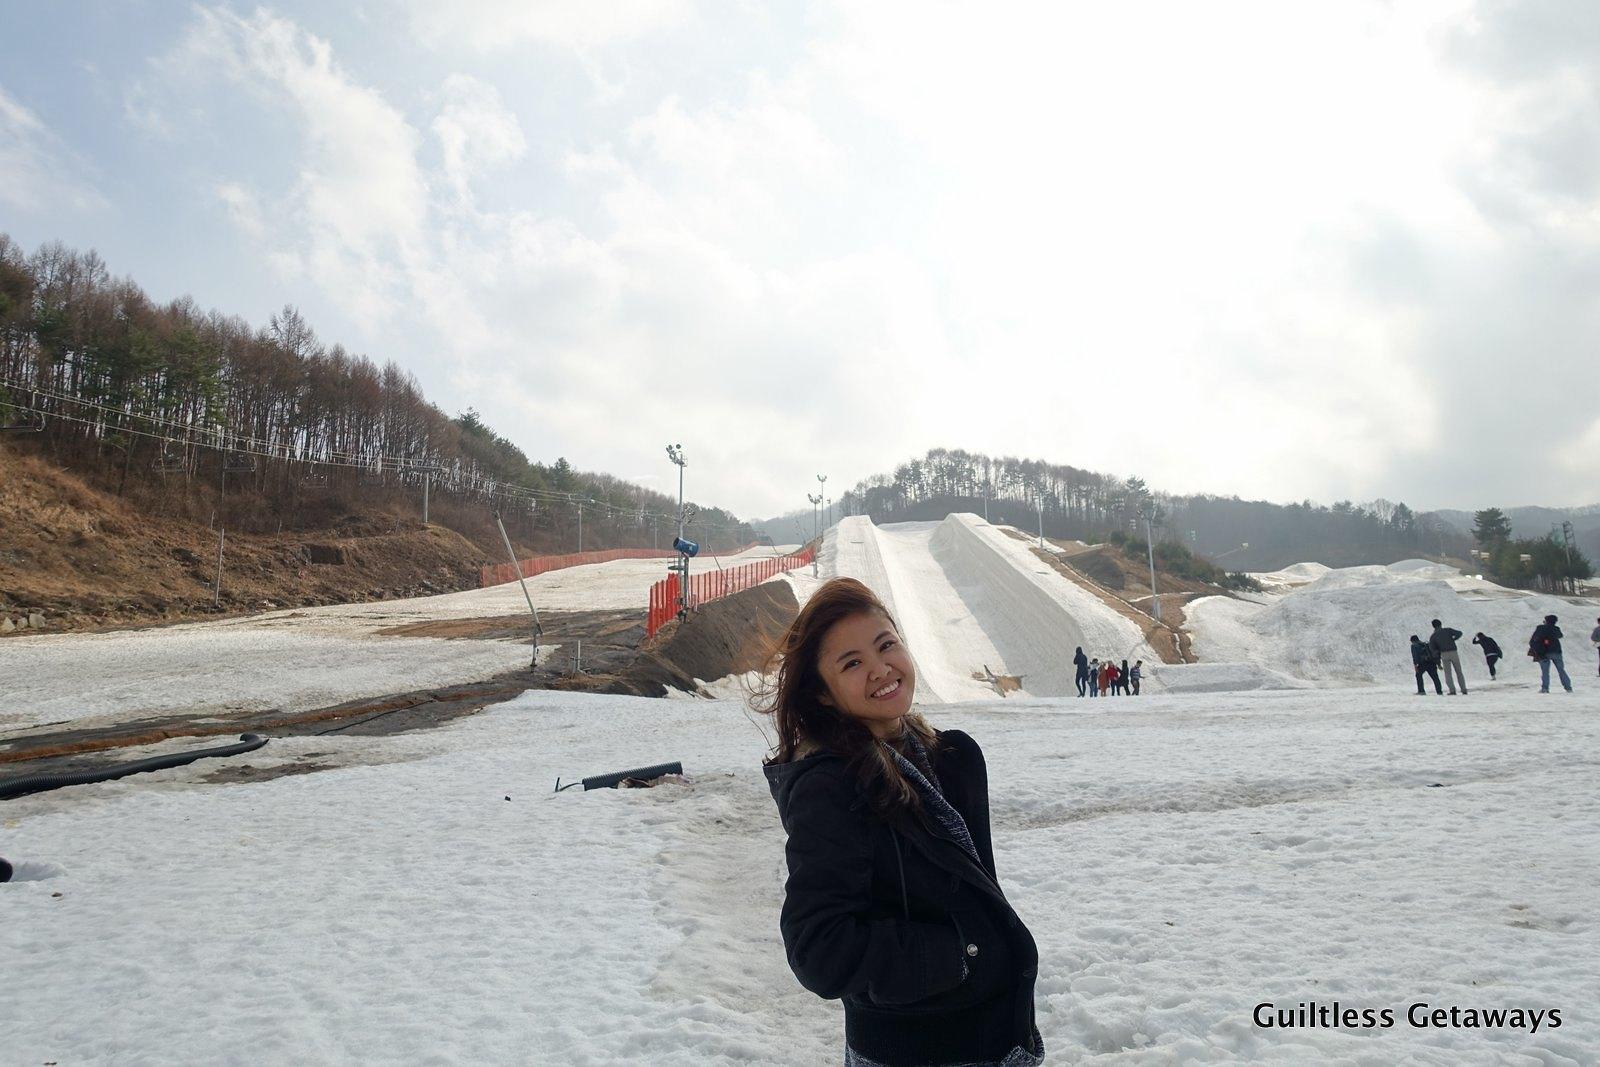 phoenix-pyeongchang-ski-resort-korea.jpg